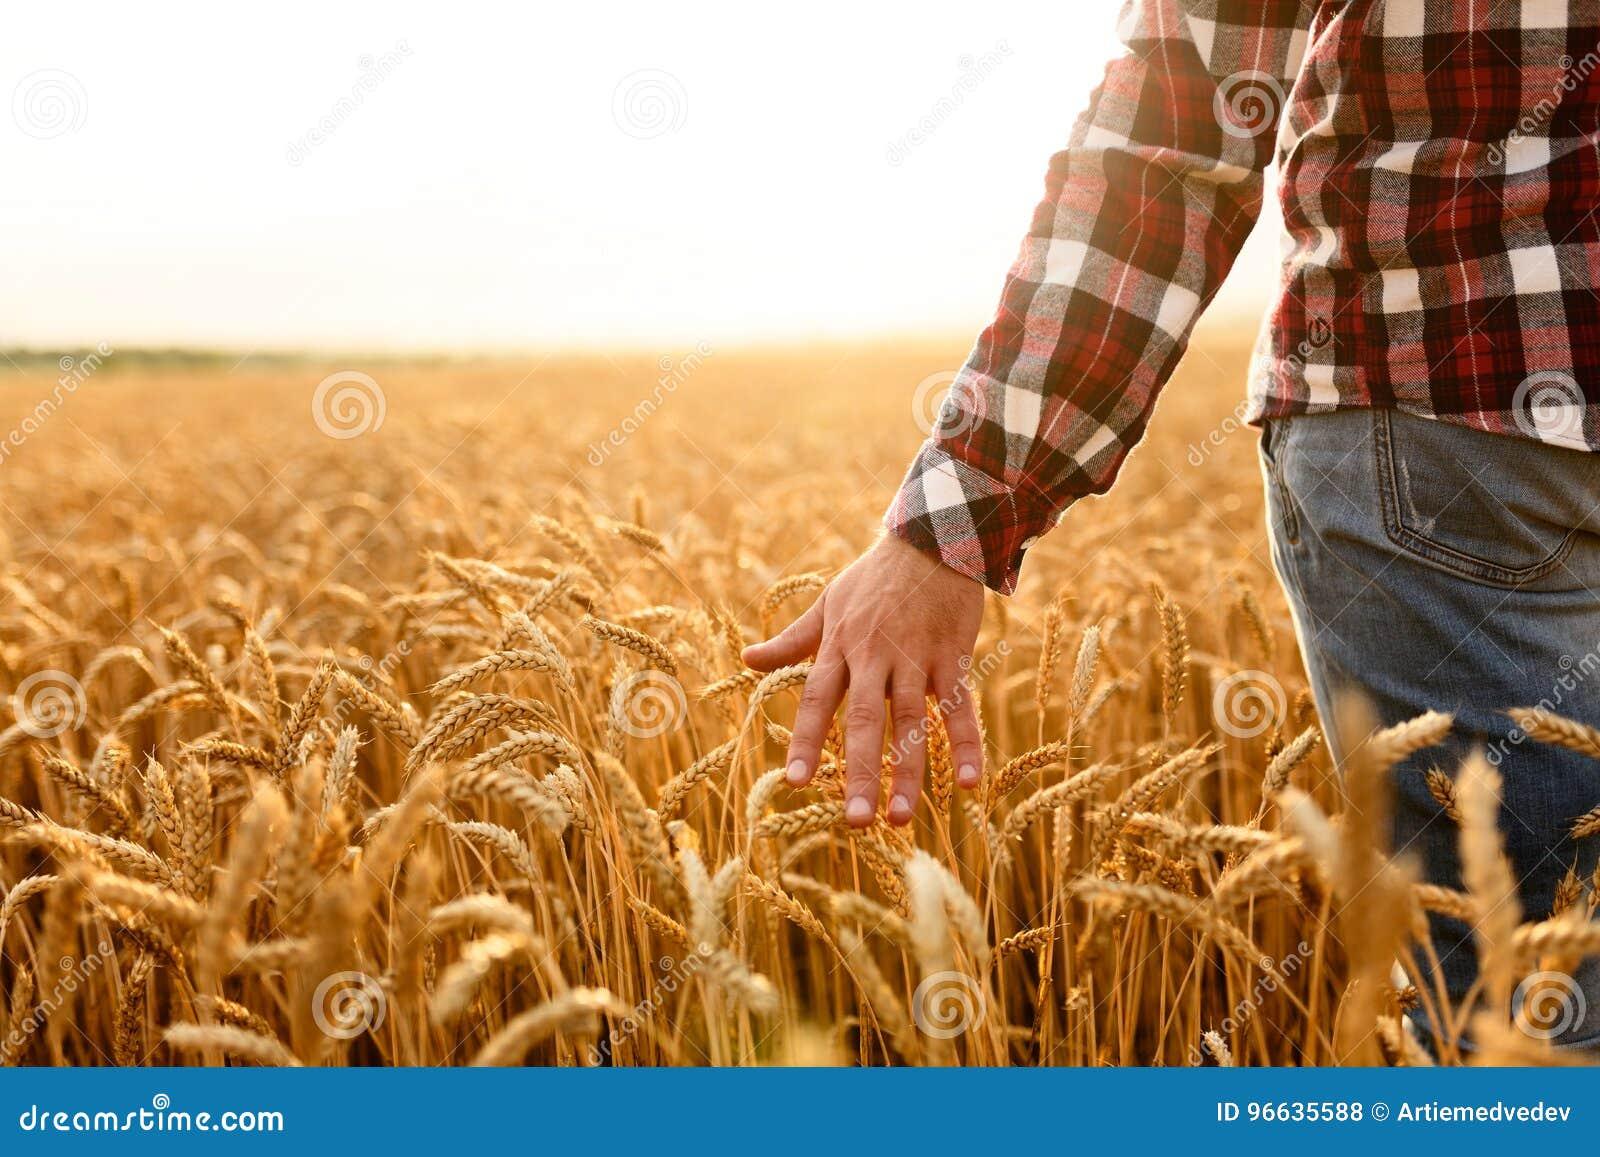 Landwirt, der seine Ernte mit der Hand auf einem goldenen Weizengebiet berührt Ernten, Konzept der biologischen Landwirtschaft